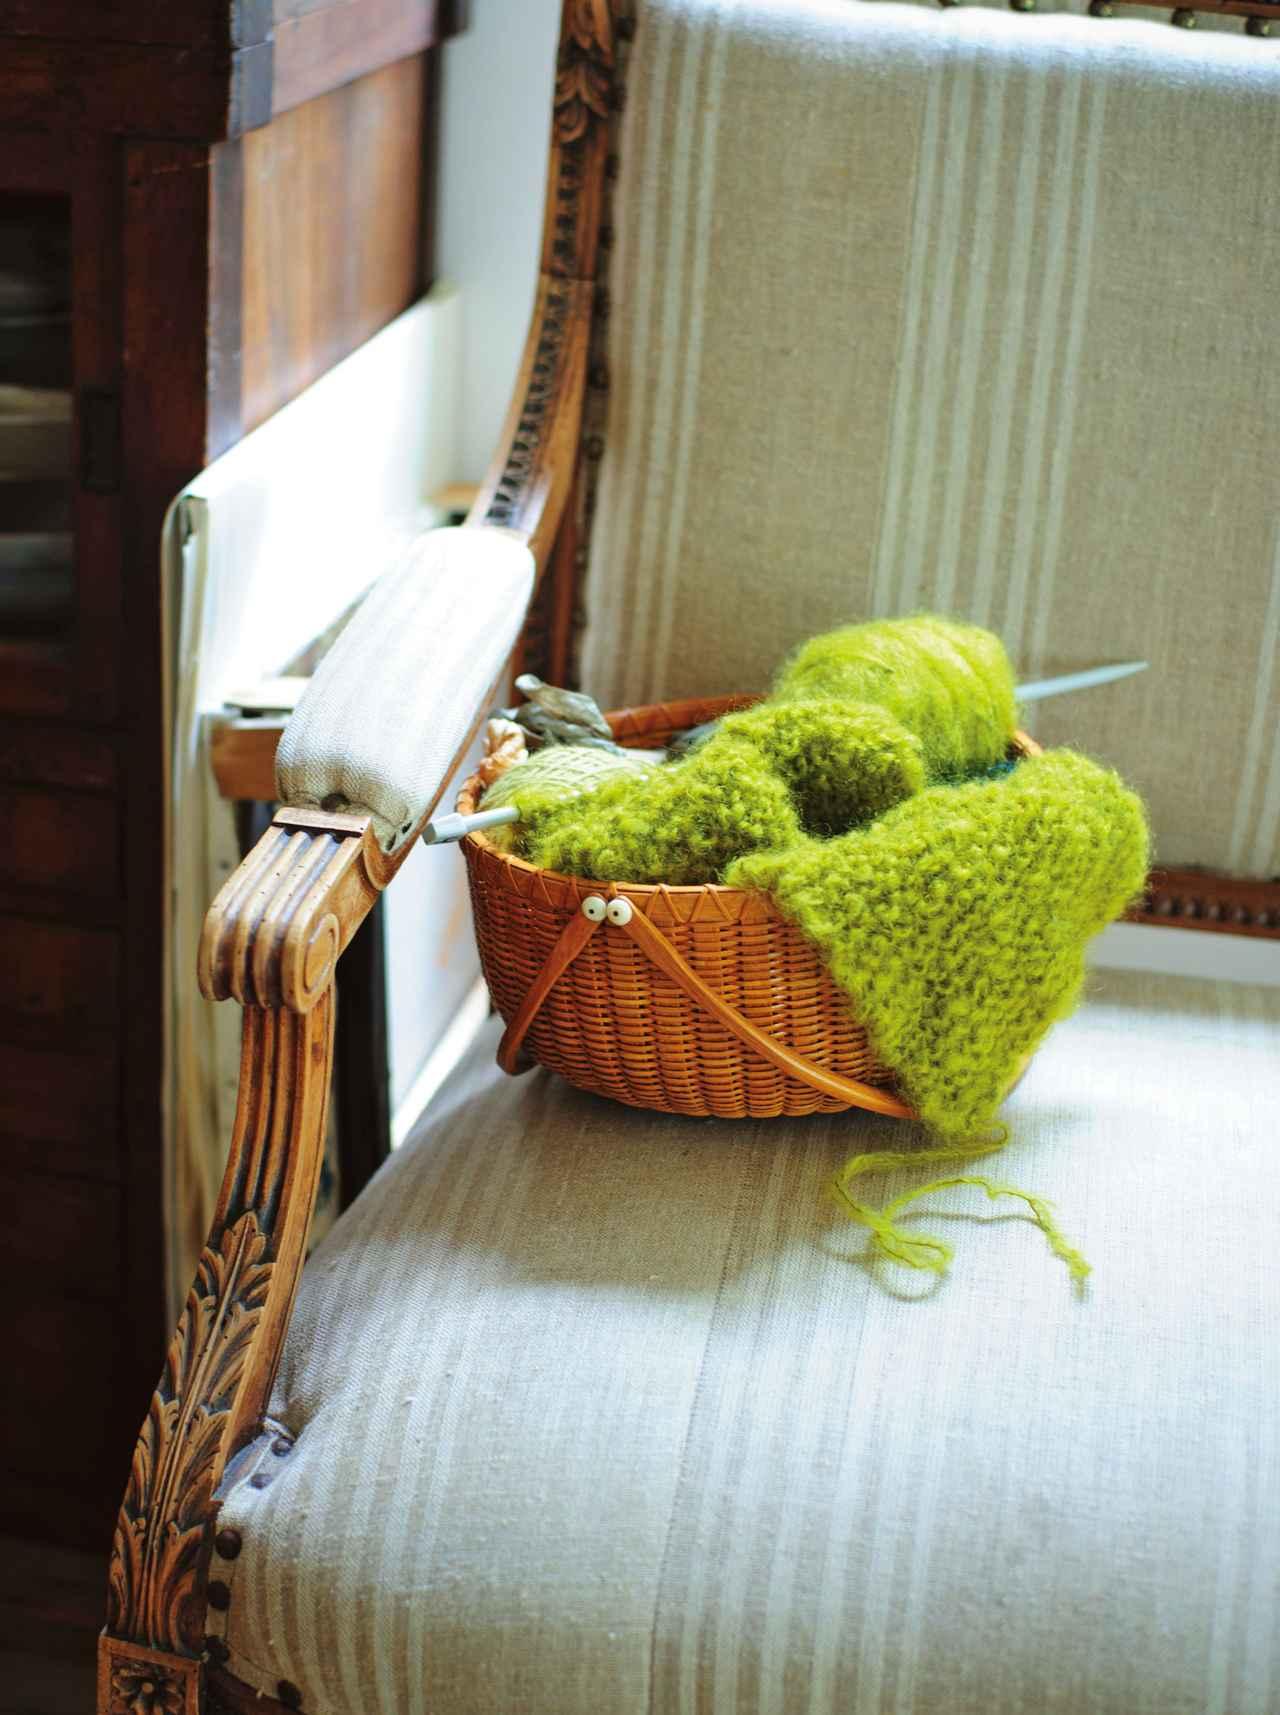 画像: 部屋で手を動かす時間に こちらもナンタケットバスケット。編みかけのストールや毛糸を入れている。持ち手付きなので、好きな場所に運んですぐに作業を始められる